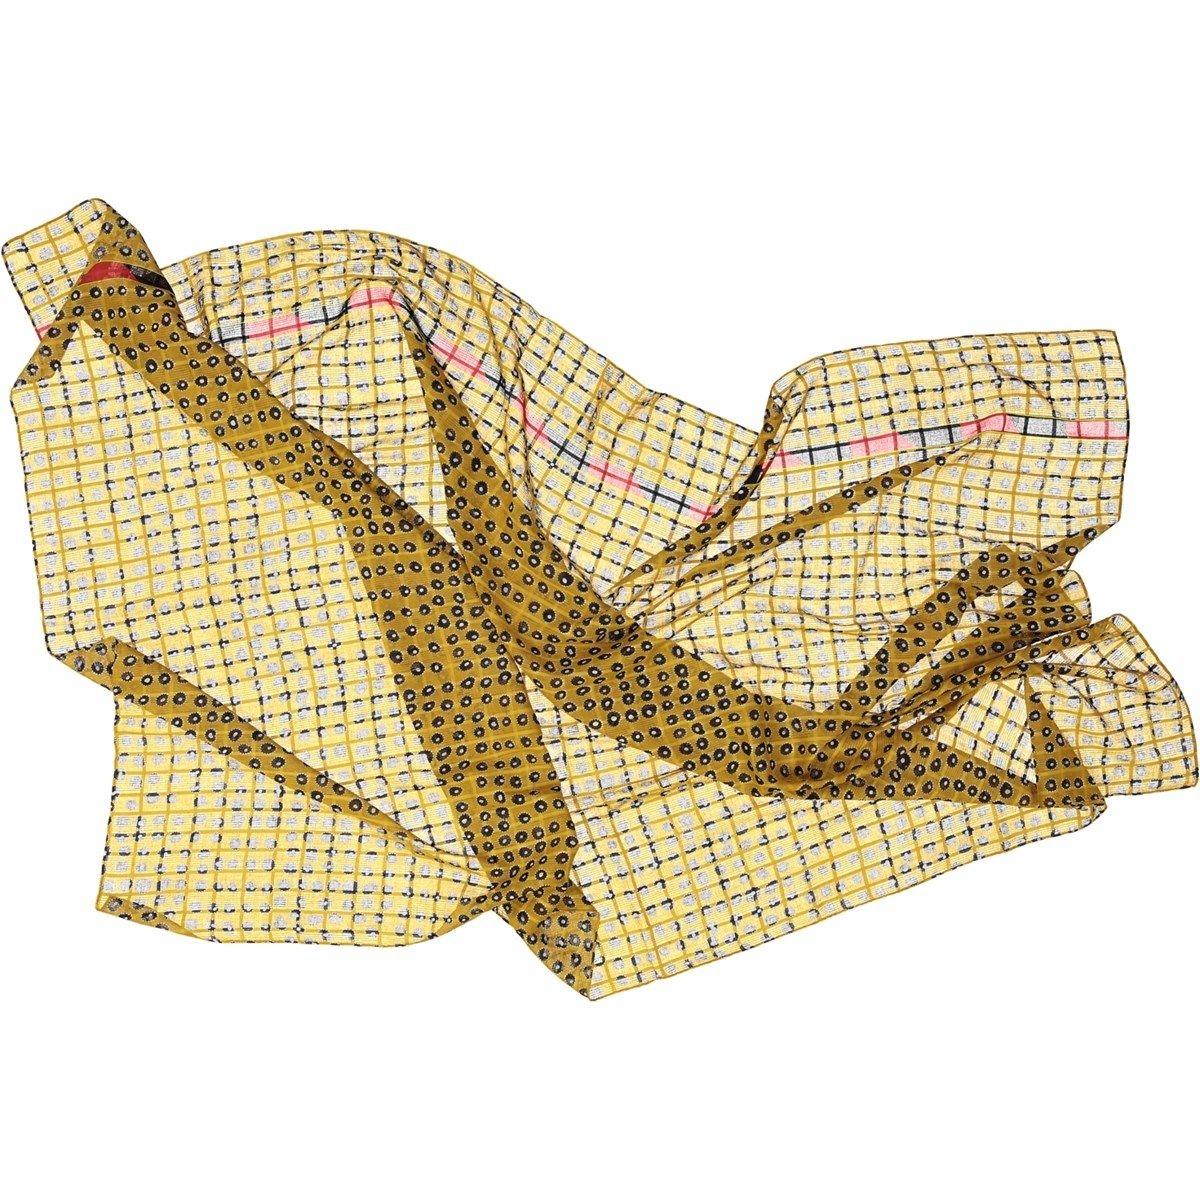 Foulard en coton dobby - DOTS FIELD